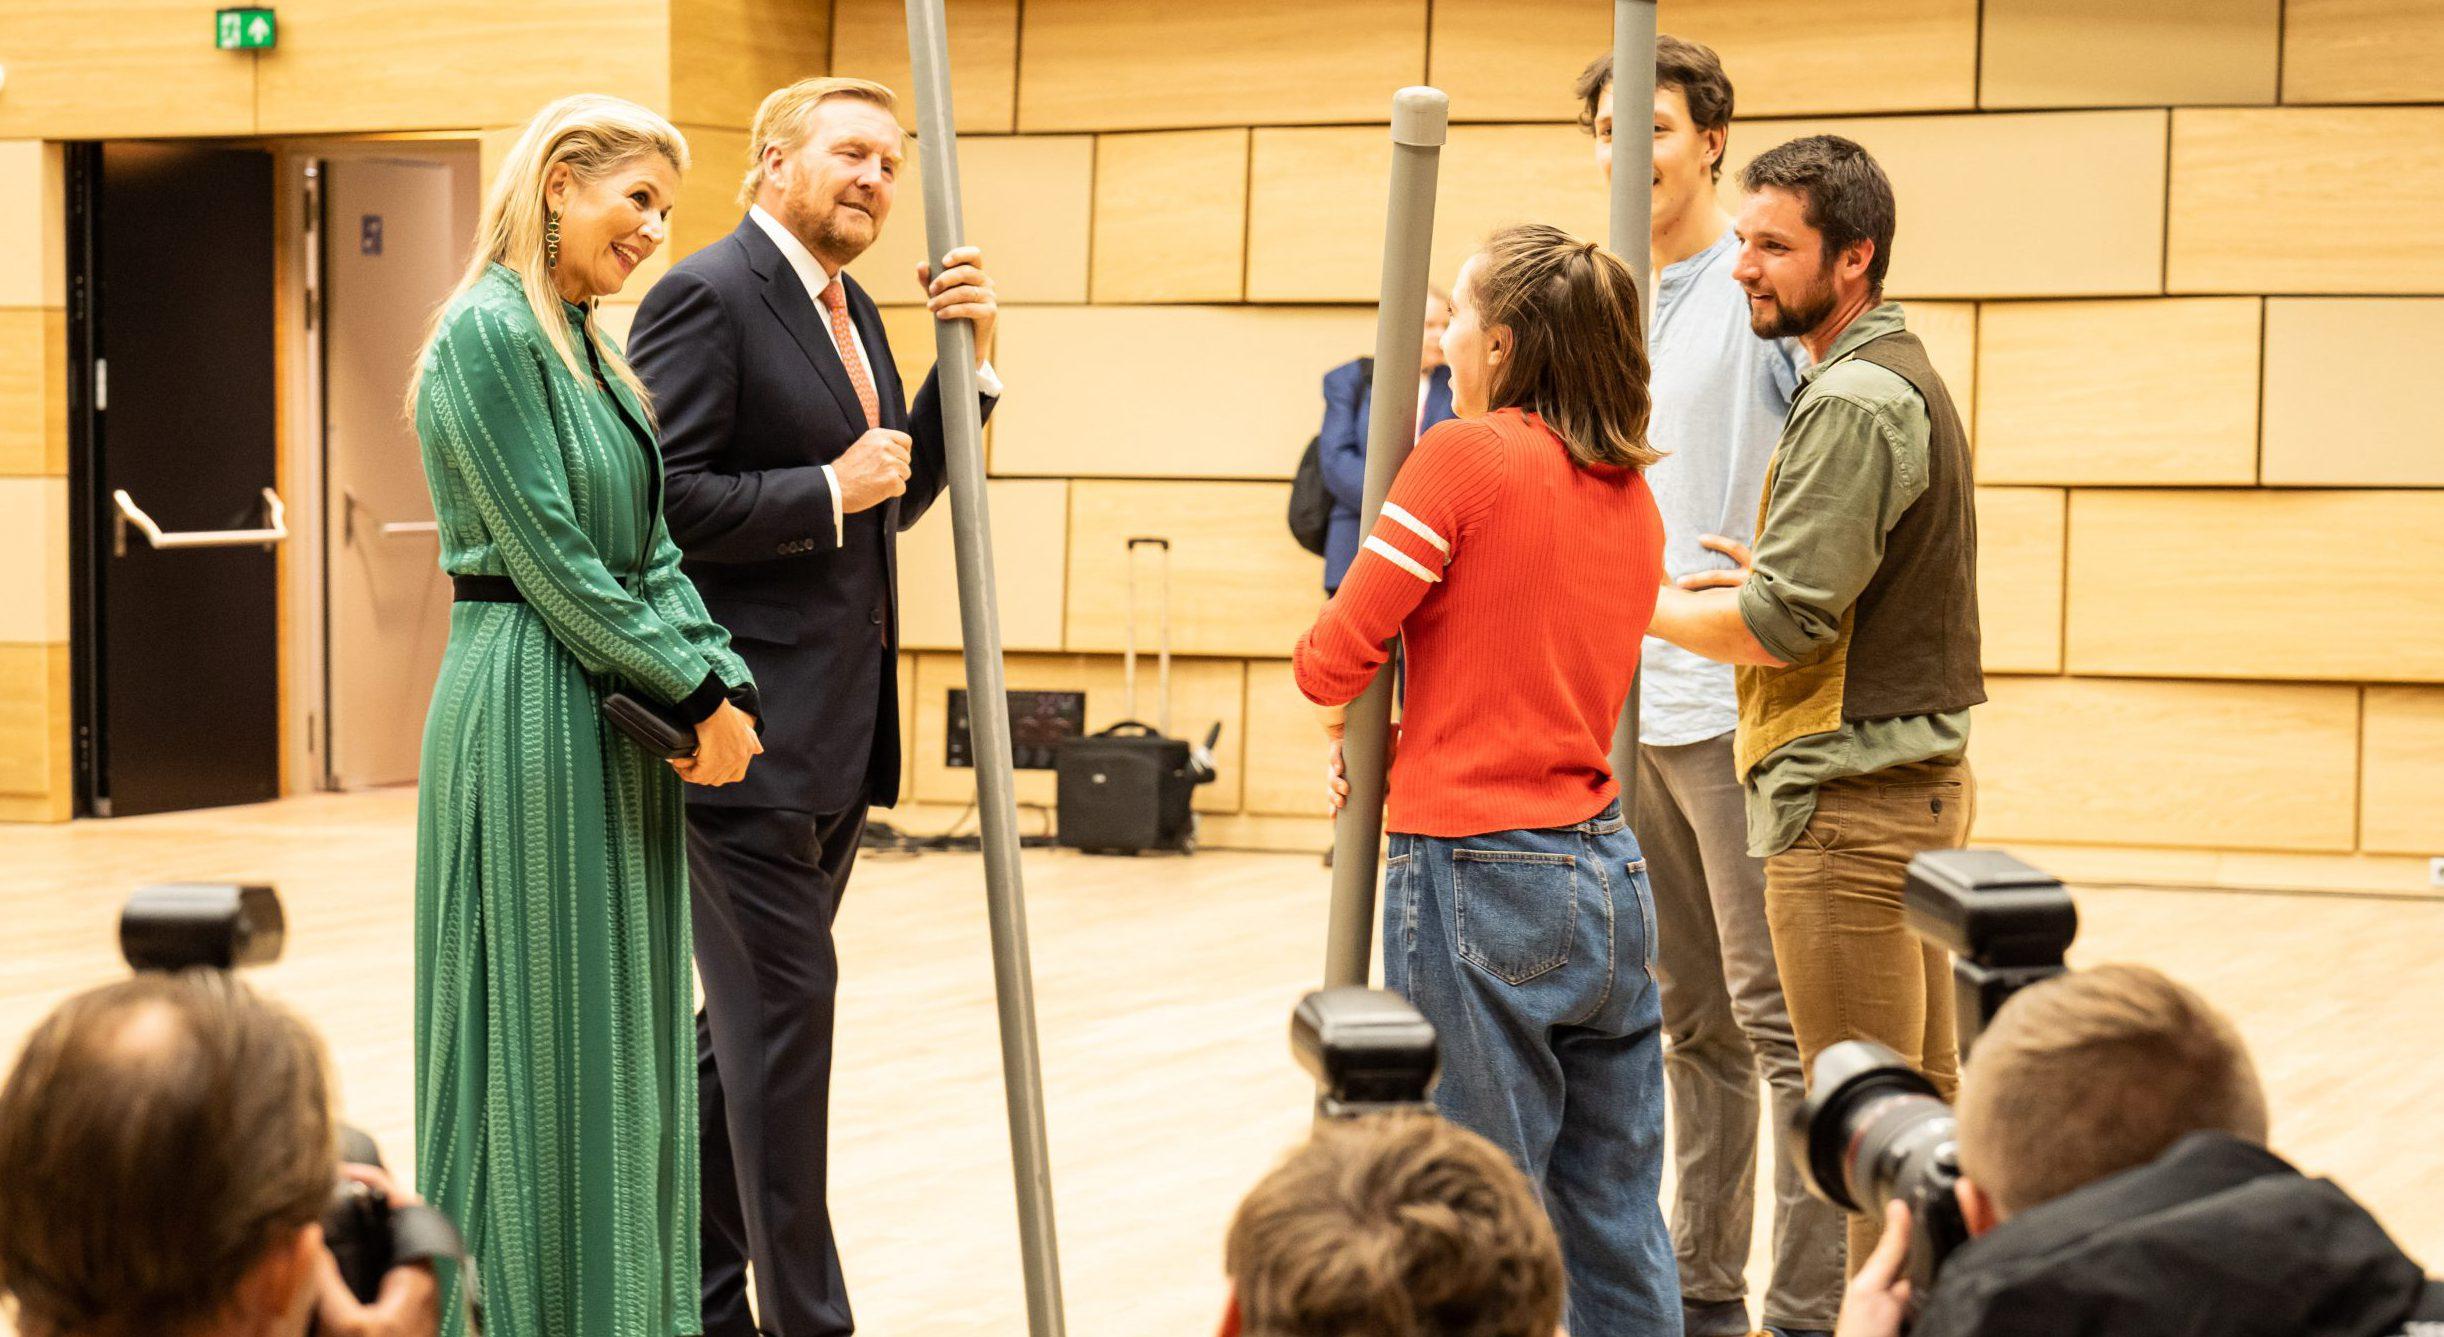 foto van Koning Willem Alexander en Koningin Maxima die spreken met een drietal medewerkers in de concertzaal van Amare. Persfotografen op de voorgrond.